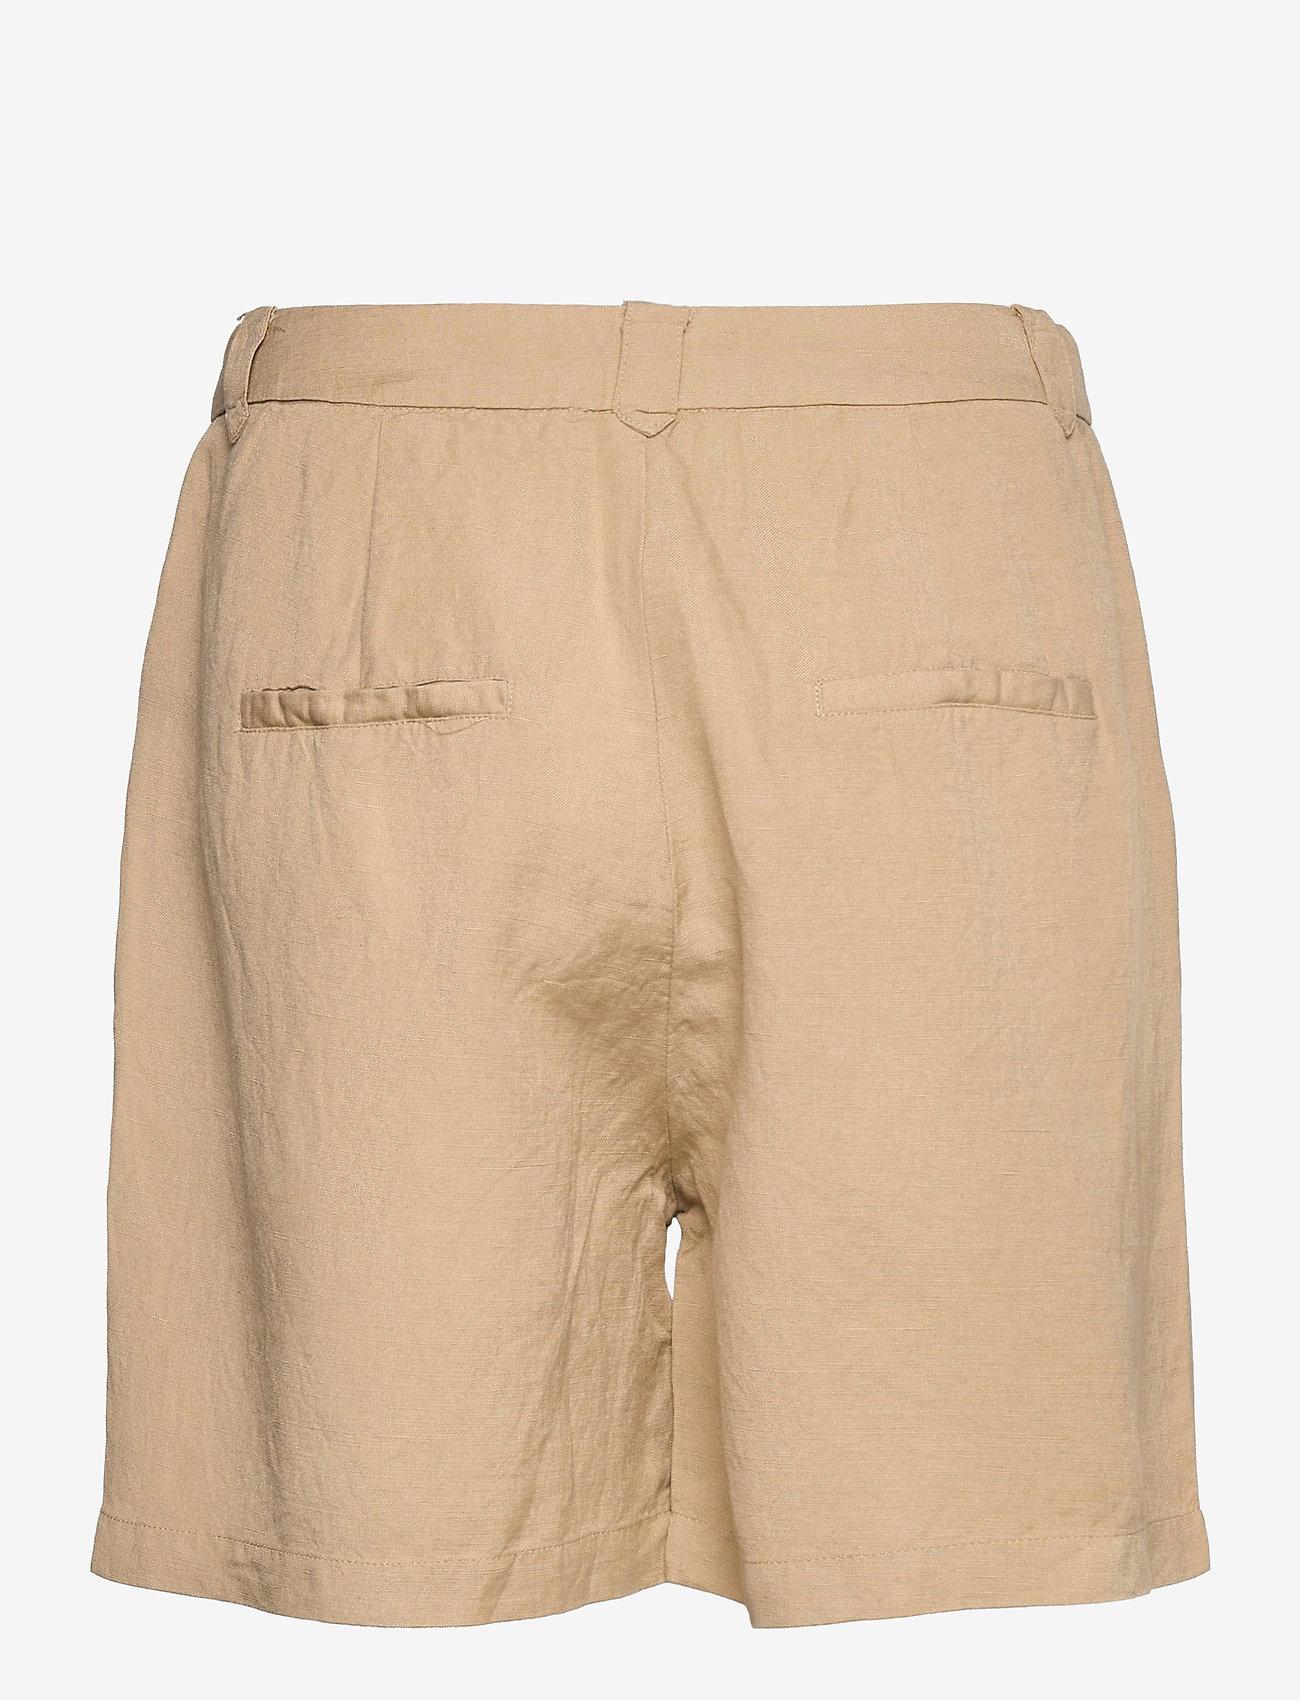 Minus - Makira linen shorts - short chino - nomad sand - 1